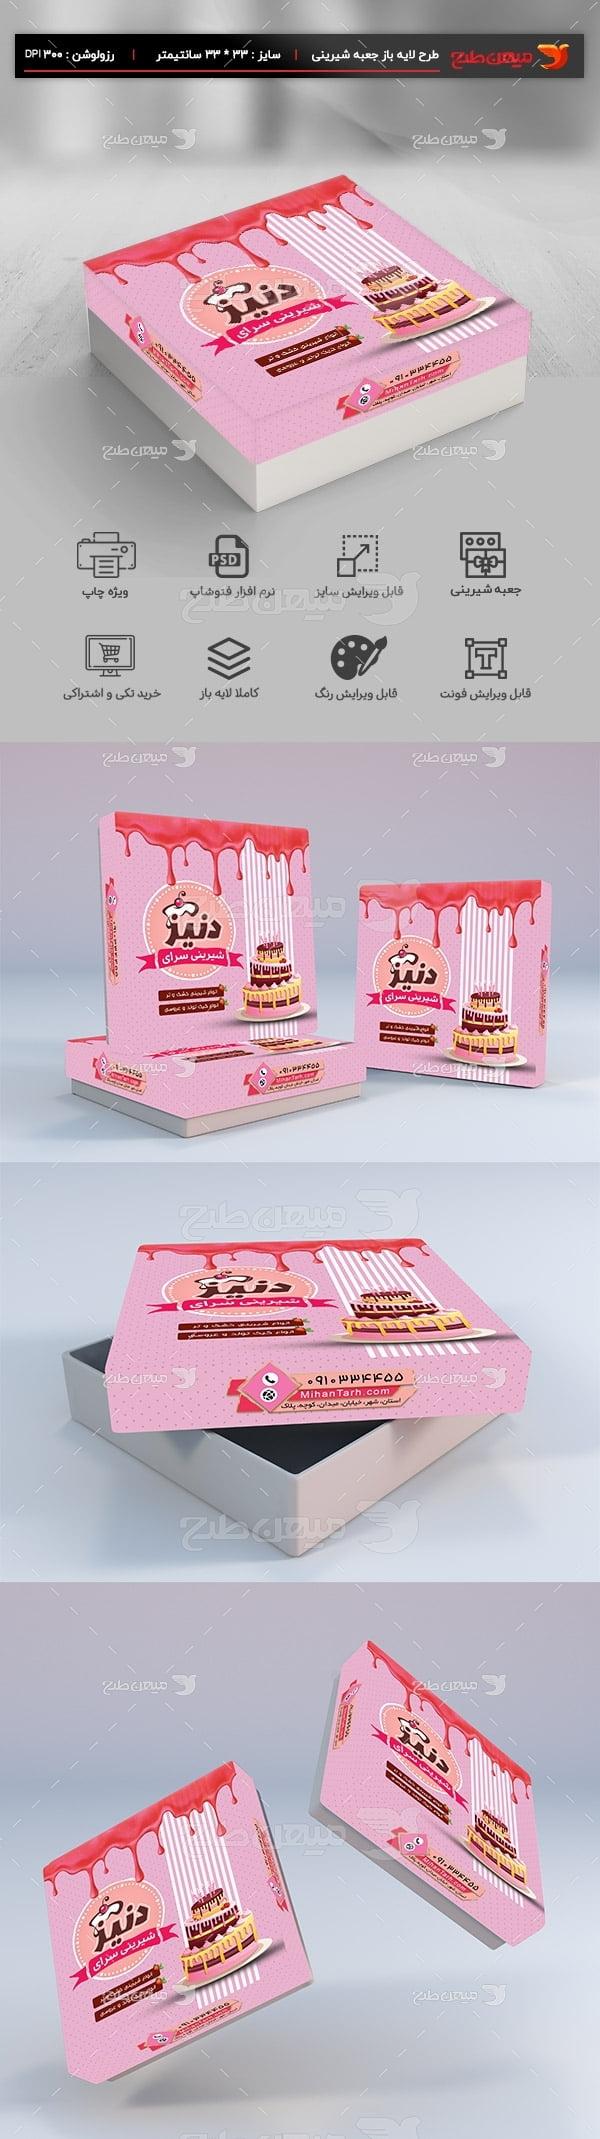 طرح جعبه شیرینی